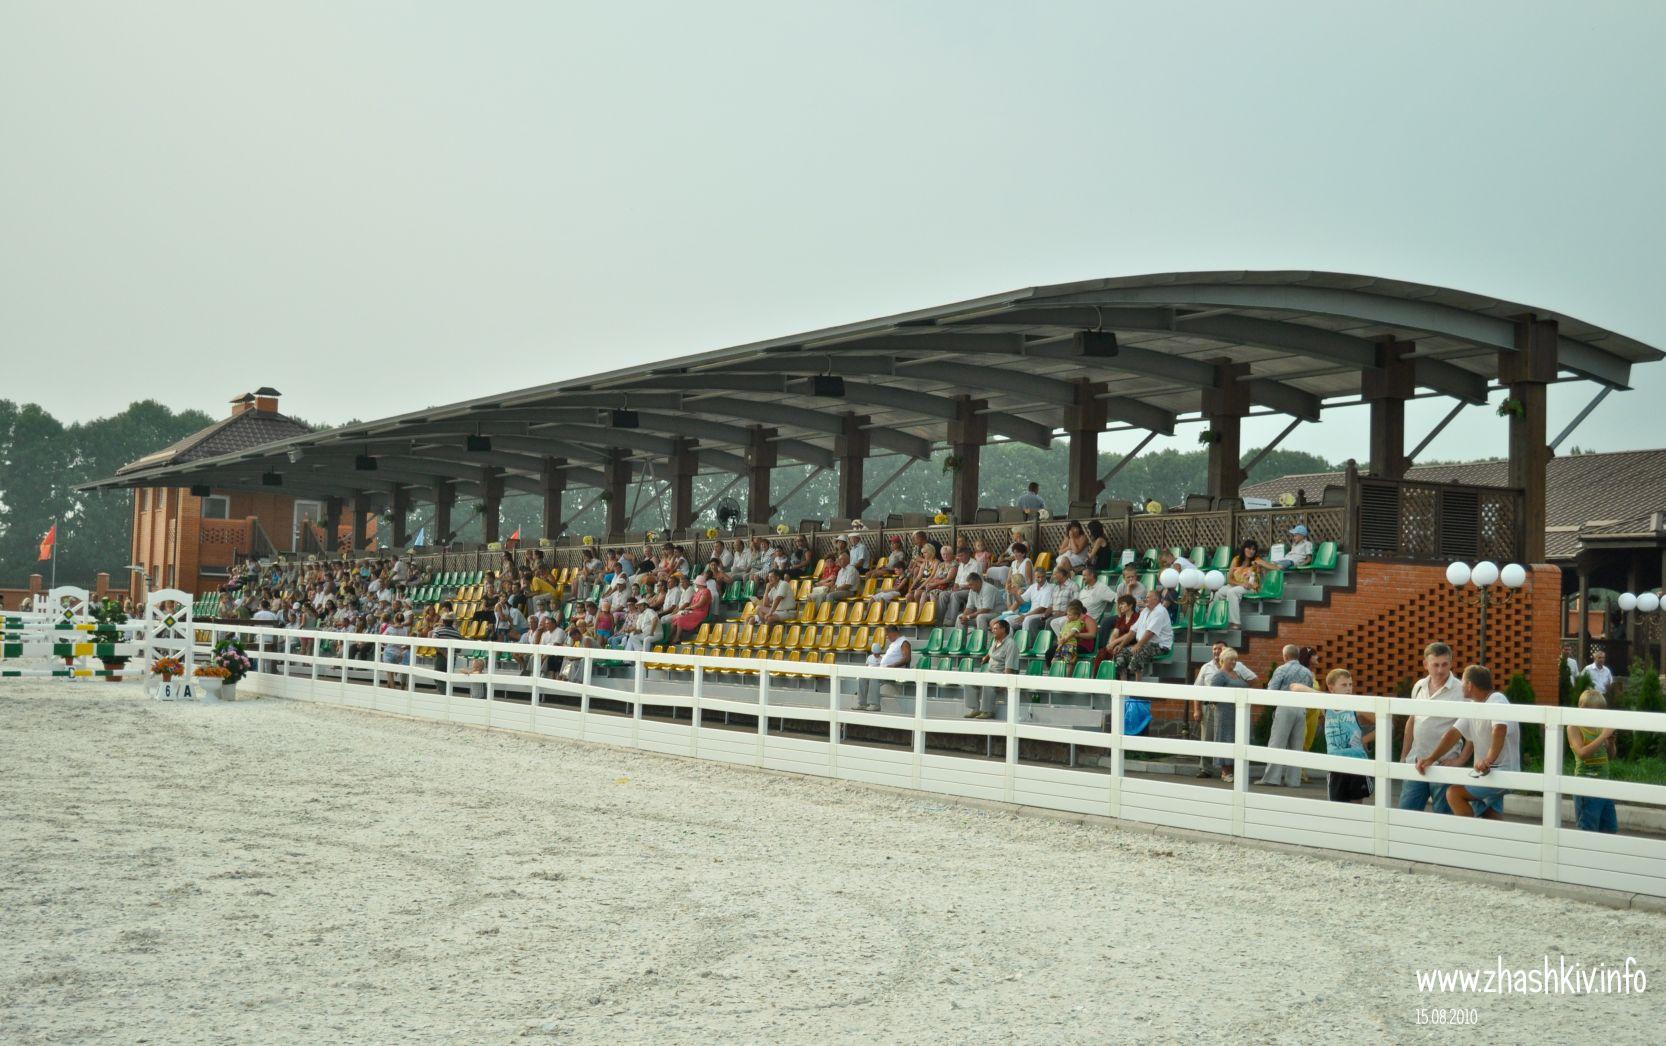 Жашківська кінно-спортивна школа «ParadeAllure»